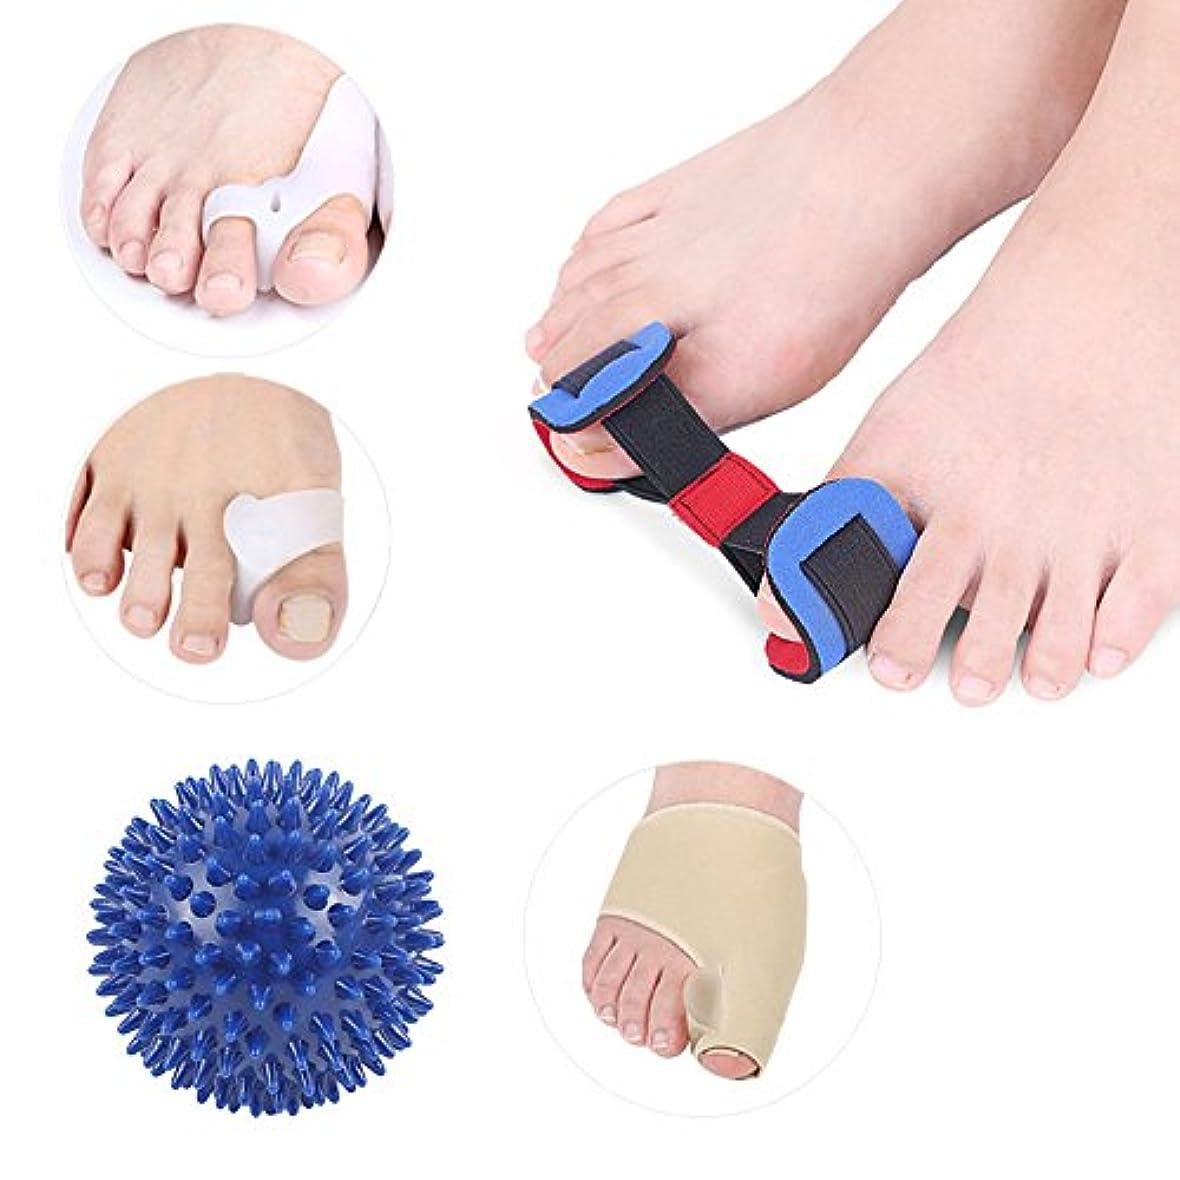 調和換気メトロポリタン癒合矯正具、足の親指矯正Hallux外反夜、腱膜炎スプリント、足指セパレーター、腱膜リリーフプロテクタースリーブキット - 足関節の痛みの治療、スペーサ矯正補助手術